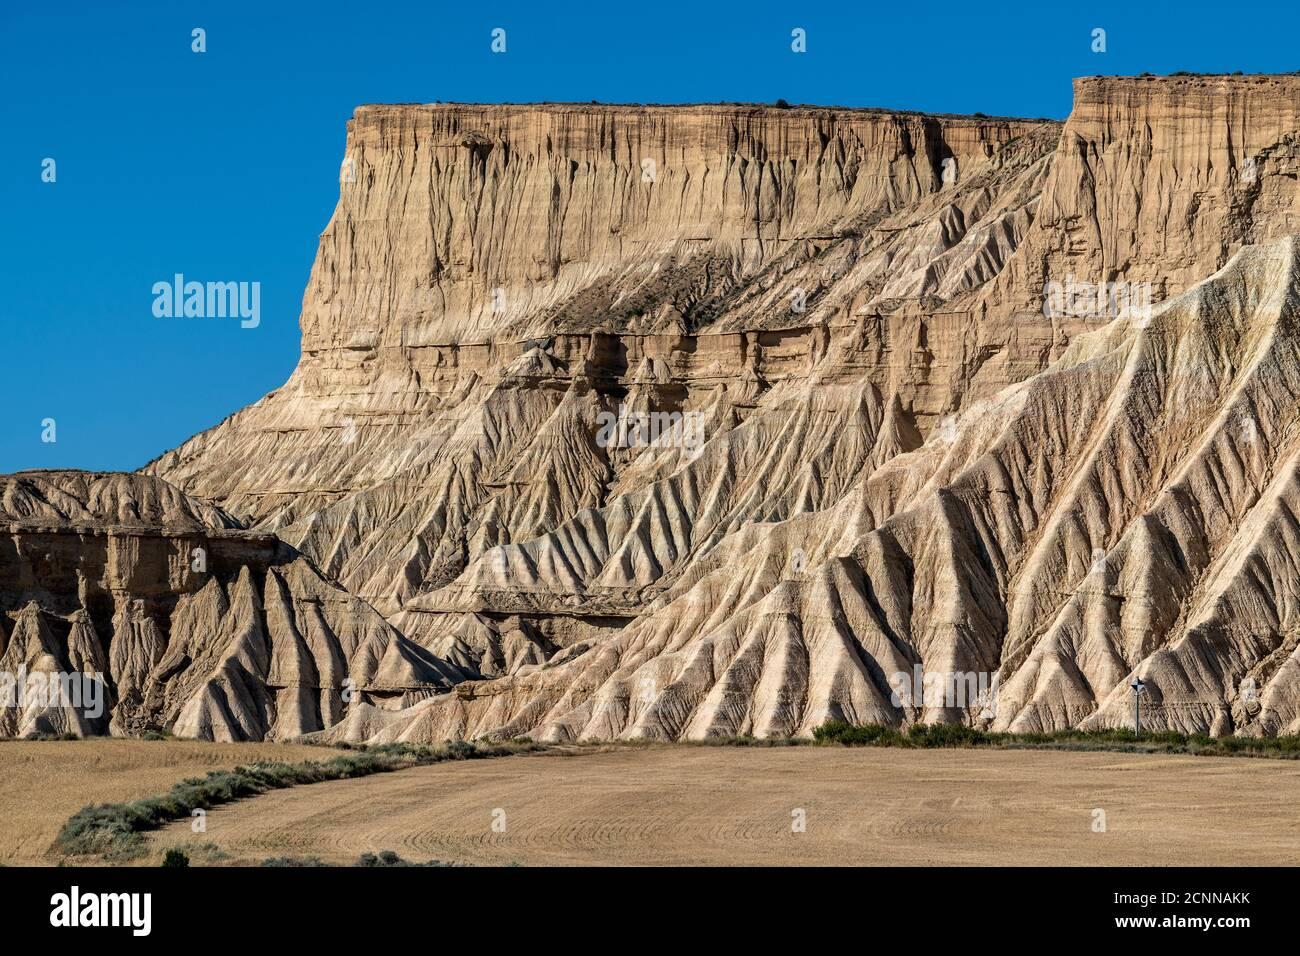 Felsformationen, Bardenas Reales Badlands, Navarra, Spanien Stockfoto